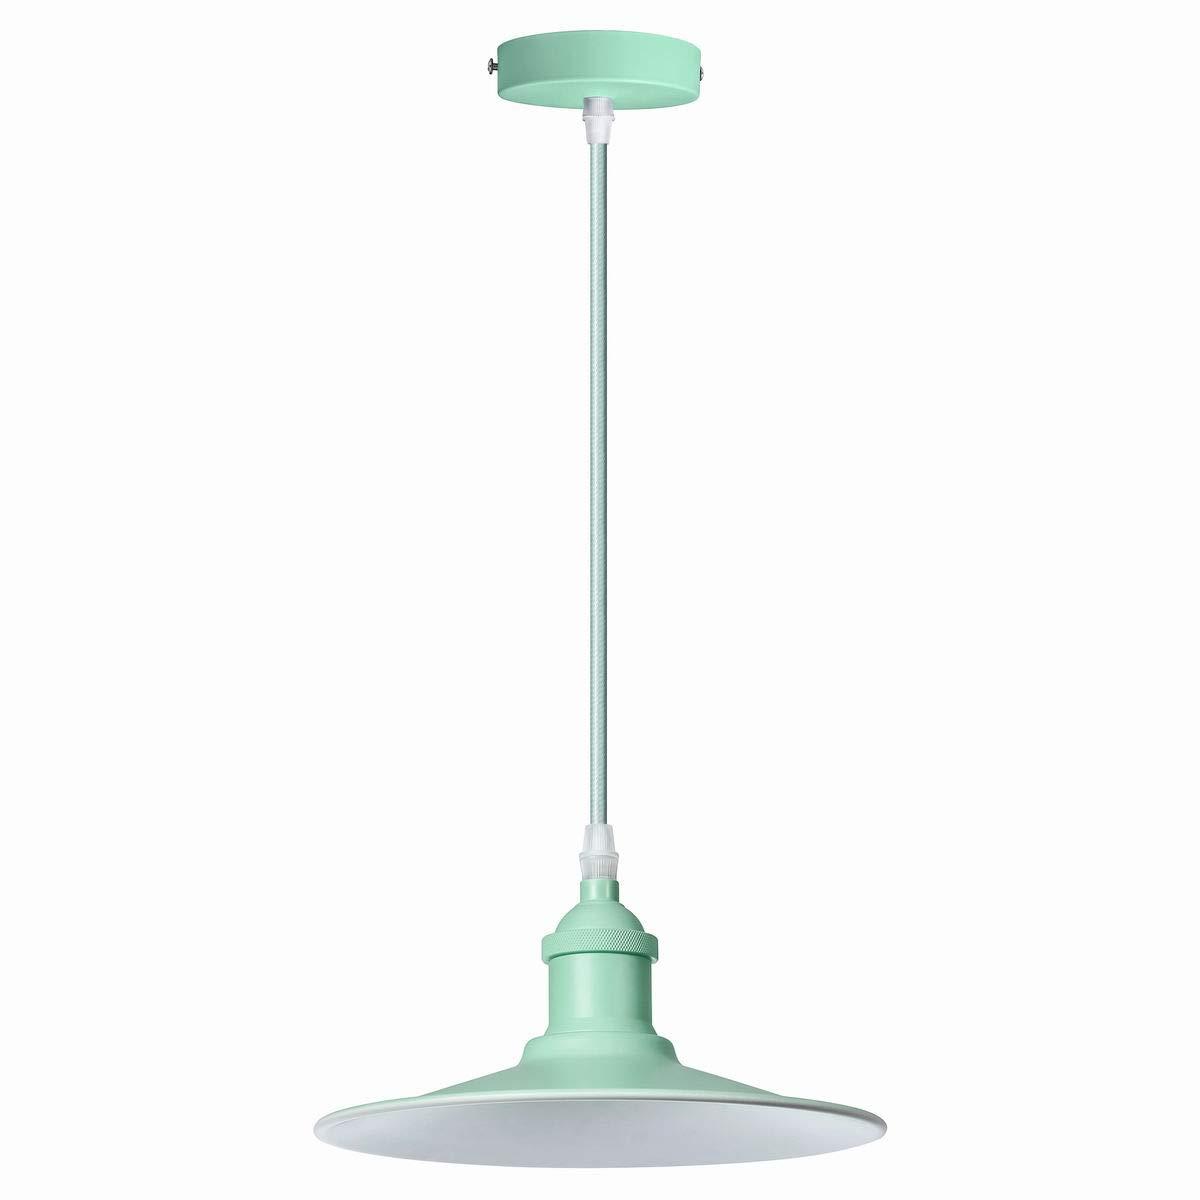 VLIKE PL08 Plafond Rose avec Abat-jour Vintage Retro Moderne Suspension Flex Plafonnier Luminaire pour Ampoule E27 rose